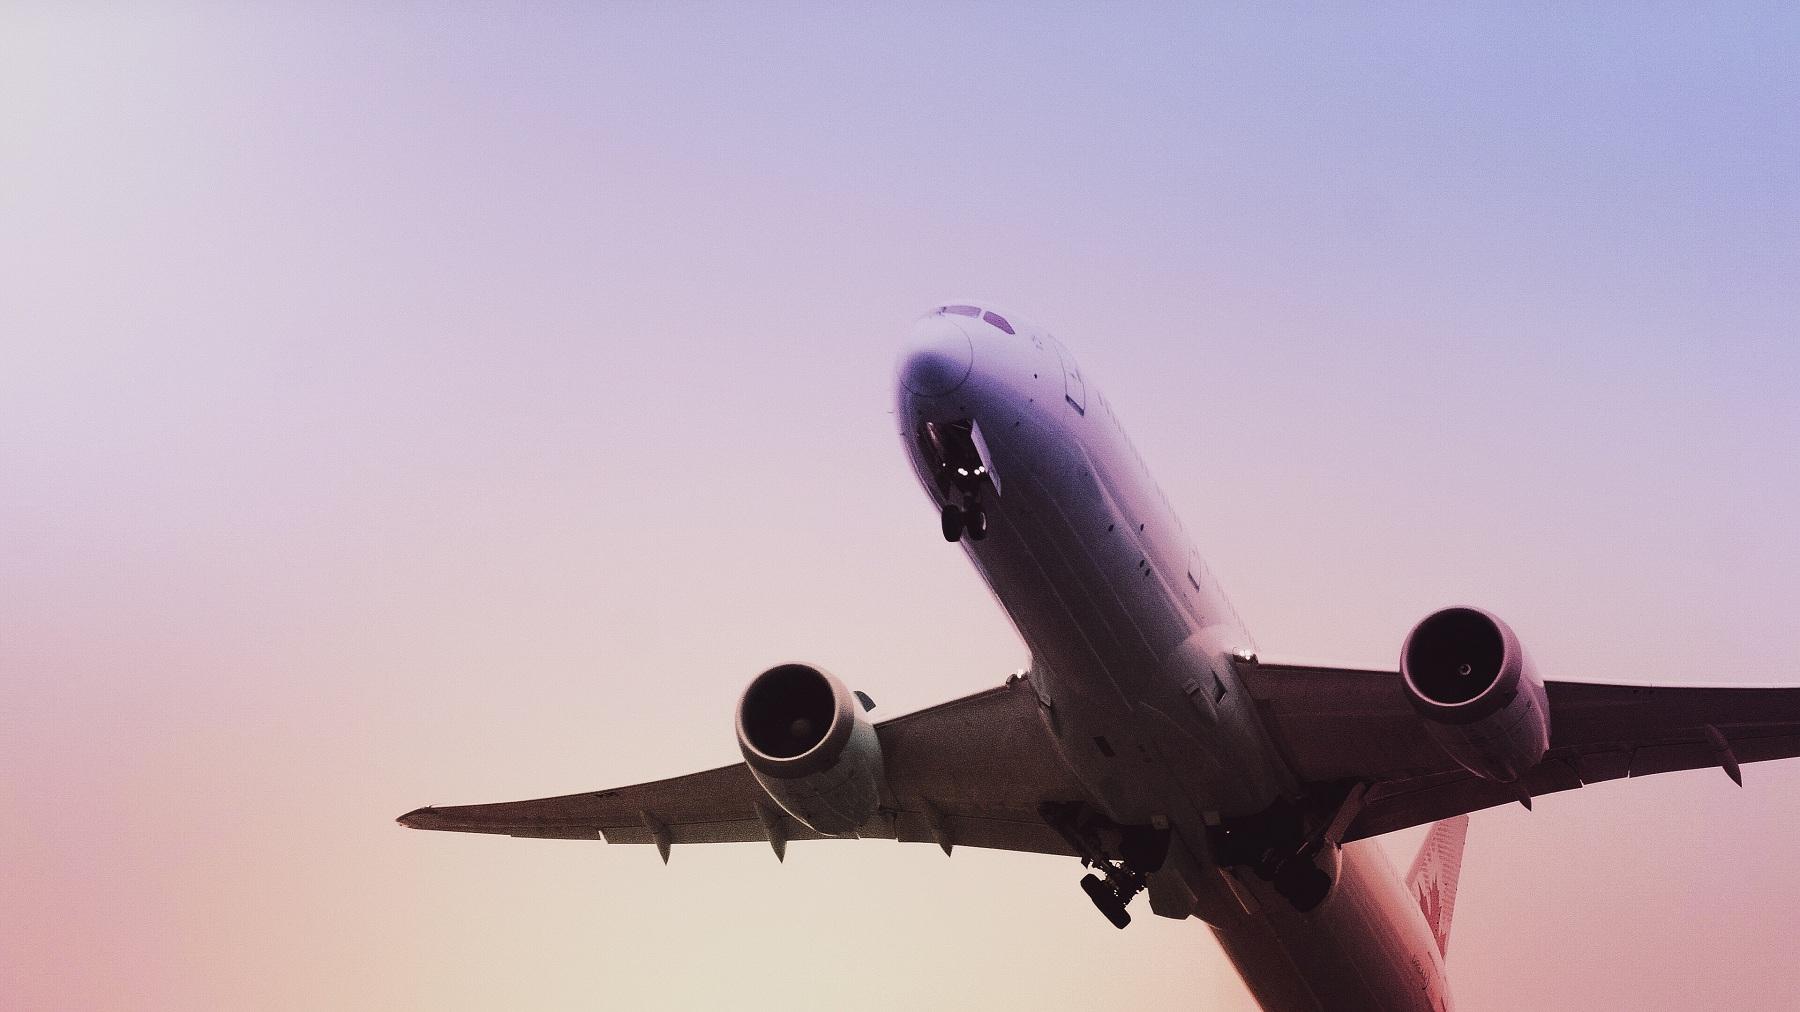 Francuźka aviakompanija zapuskaje prjami rejsy z Kyjeva do Paryža